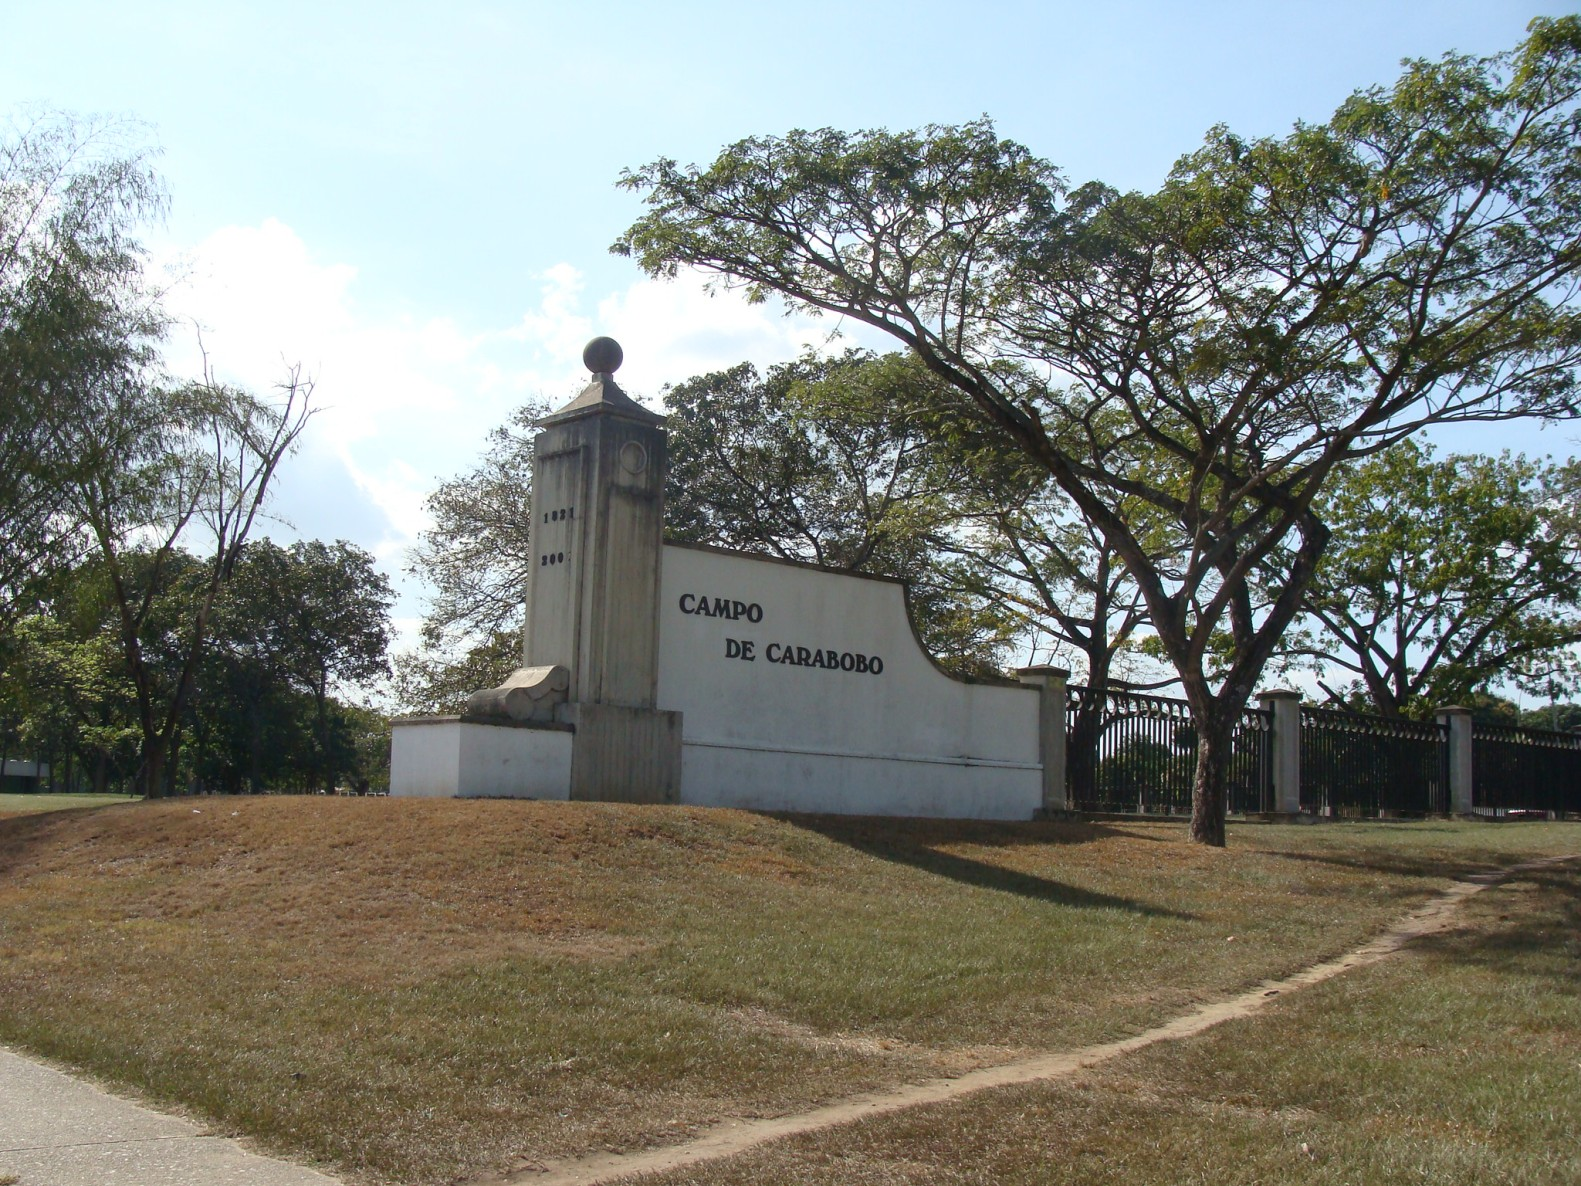 entrada del campoCarabobo